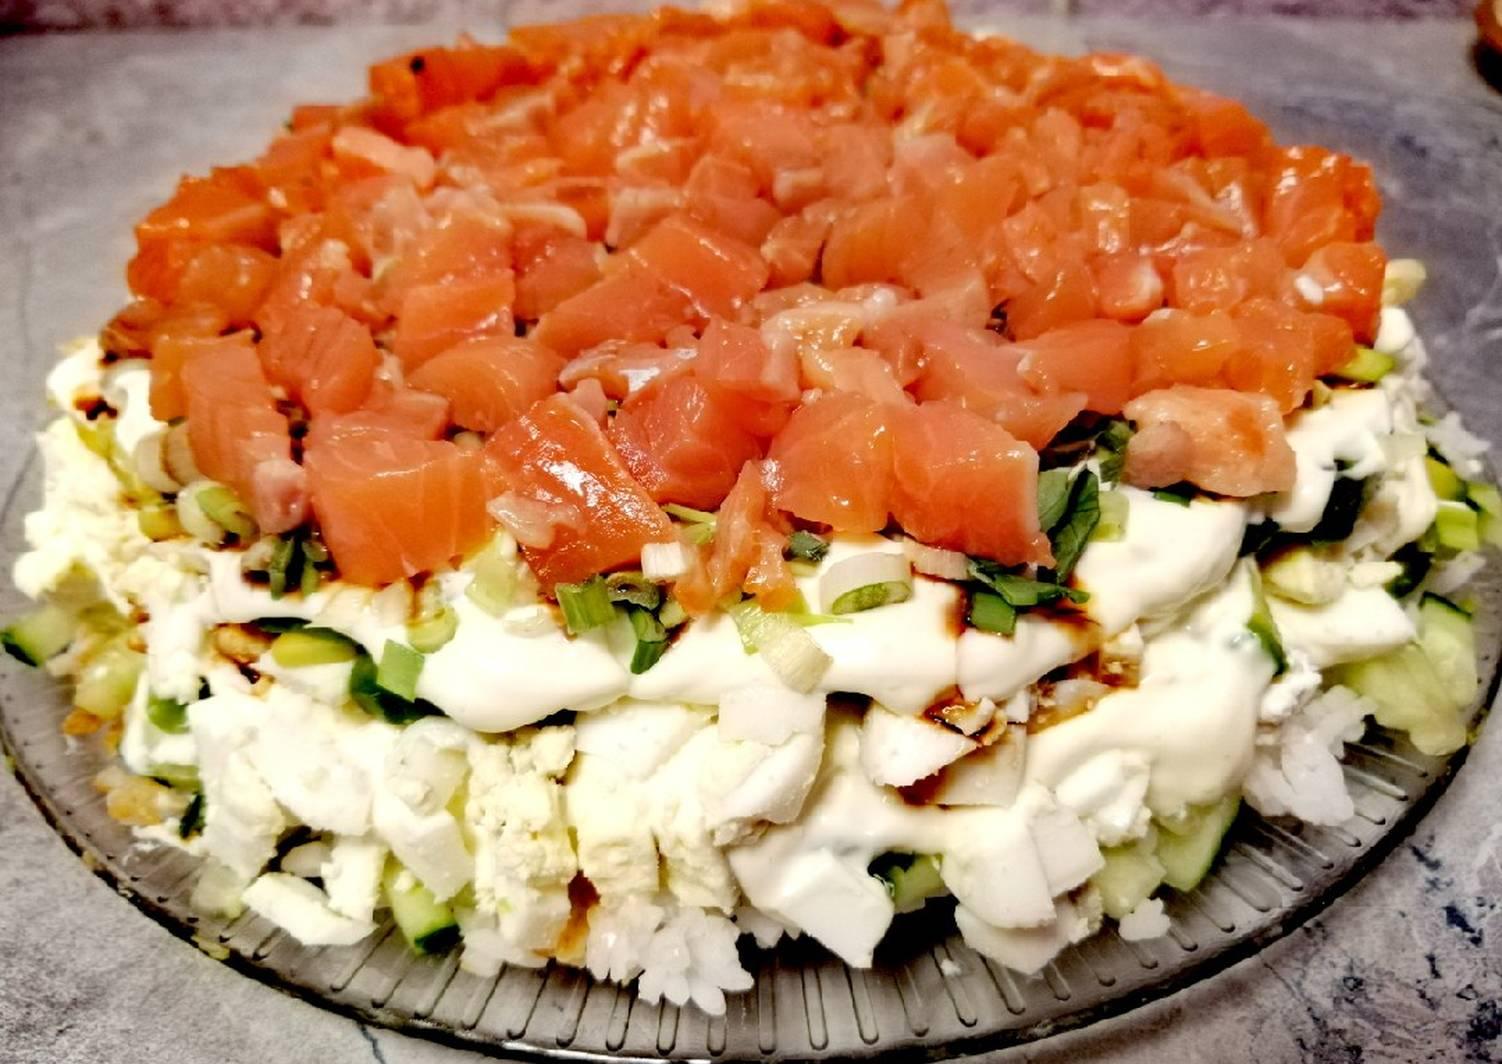 салат суши пошаговый рецепт с фото улице иль